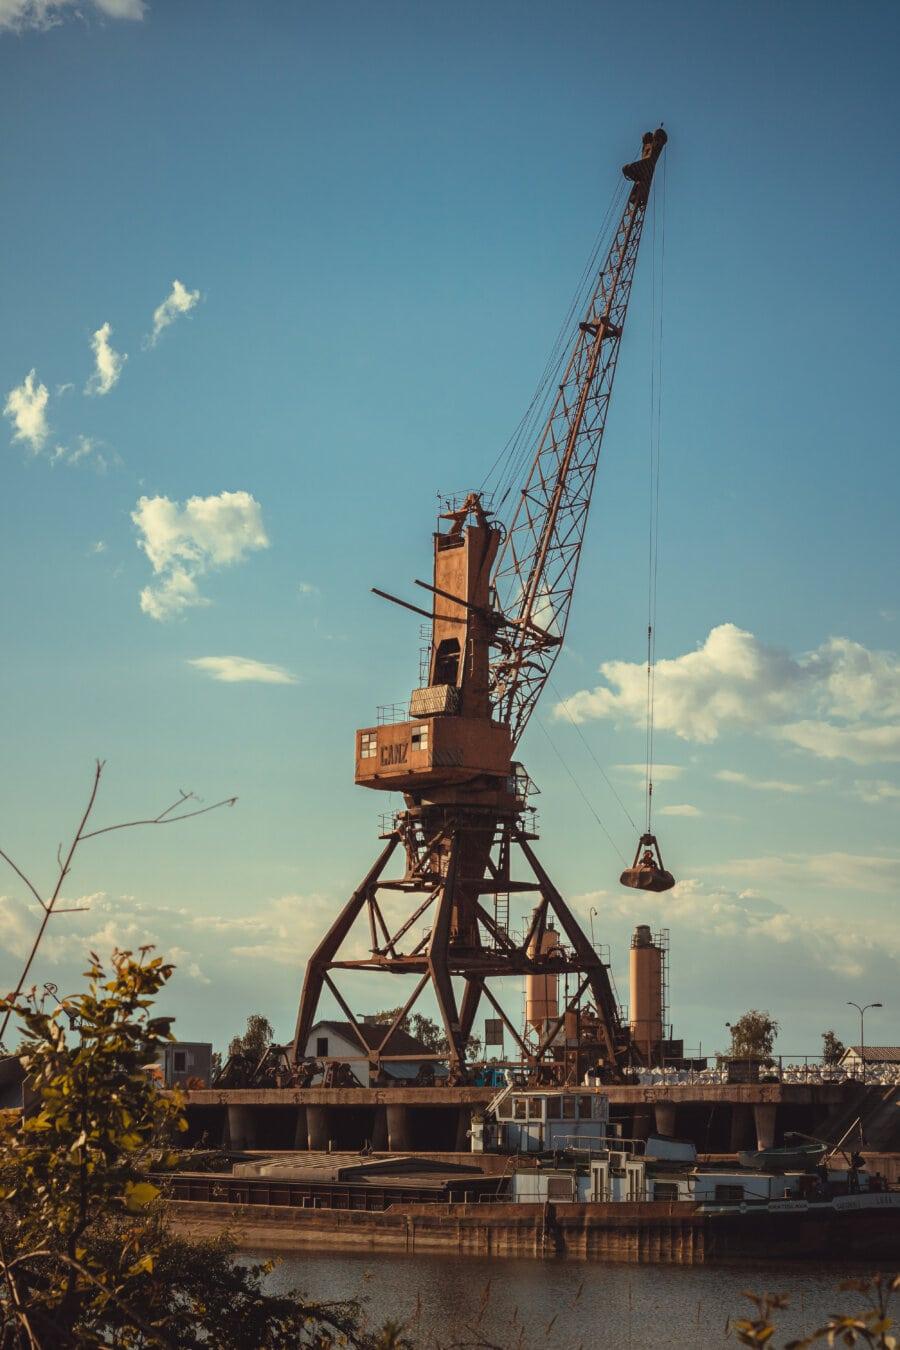 makine, liman, makine, Vinç, Sanayi, taşıma, Kargo gemisi, Tersane, sevk irsaliyesi, aygıt